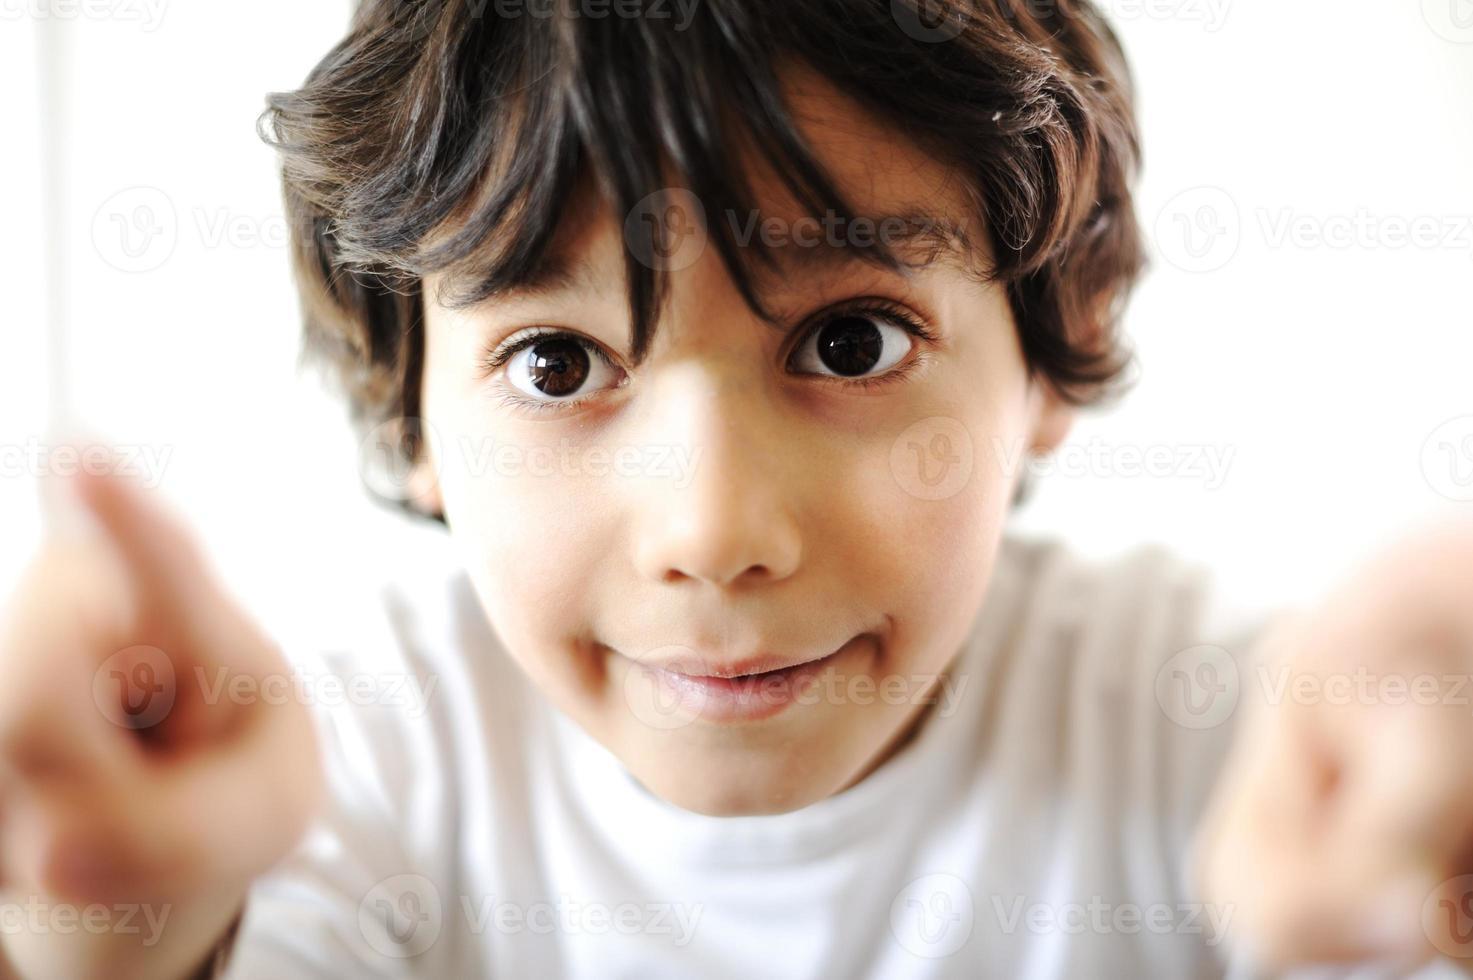 närbild porträtt av barn foto